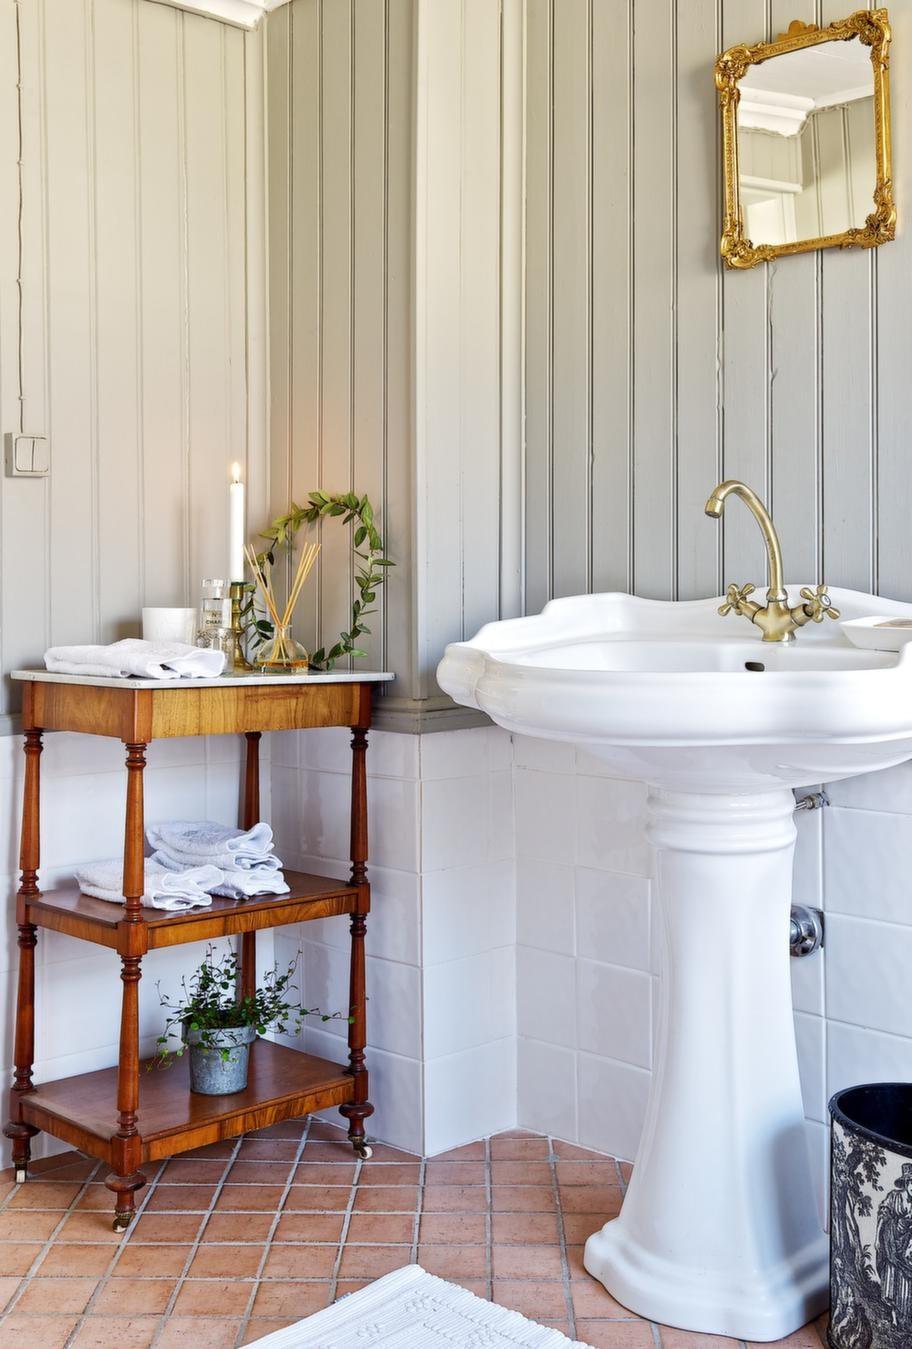 BADRUM<br>Handfatet köpte Catarina i Ferrara i Italien och lät skeppa hem det. Det söta bordet med marmorskiva var Catarinas mammas sängbord som blev till badrumsmöbel.